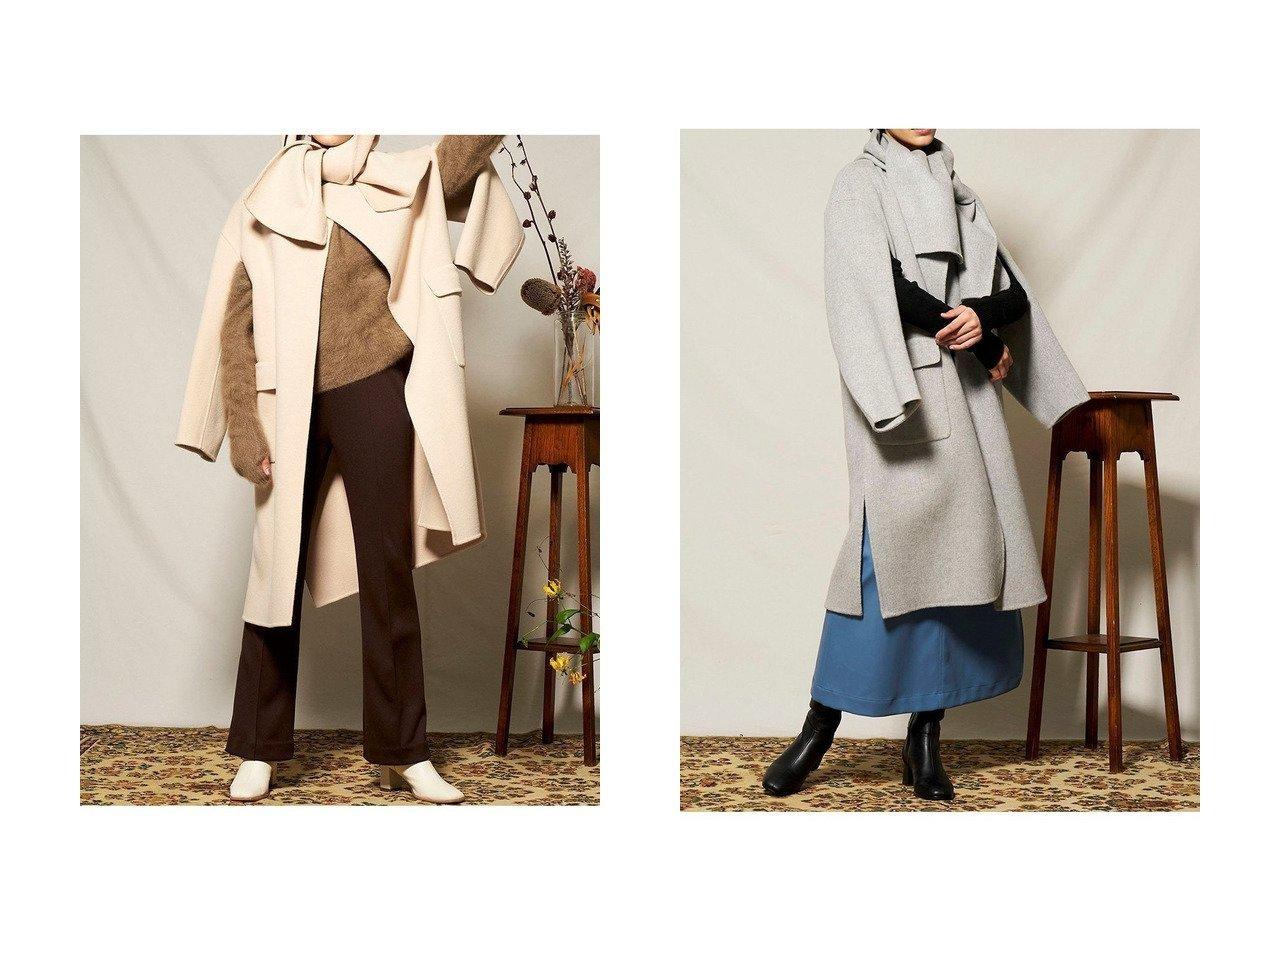 【MAISON SPECIAL/メゾンスペシャル】のマフラー付きスリーブアウトコート アウターのおすすめ!人気、レディースファッションの通販 おすすめで人気のファッション通販商品 インテリア・家具・キッズファッション・メンズファッション・レディースファッション・服の通販 founy(ファニー) https://founy.com/ ファッション Fashion レディース WOMEN アウター Coat Outerwear コート Coats マフラー Mufflers スリット マフラー ロング |ID:crp329100000001246